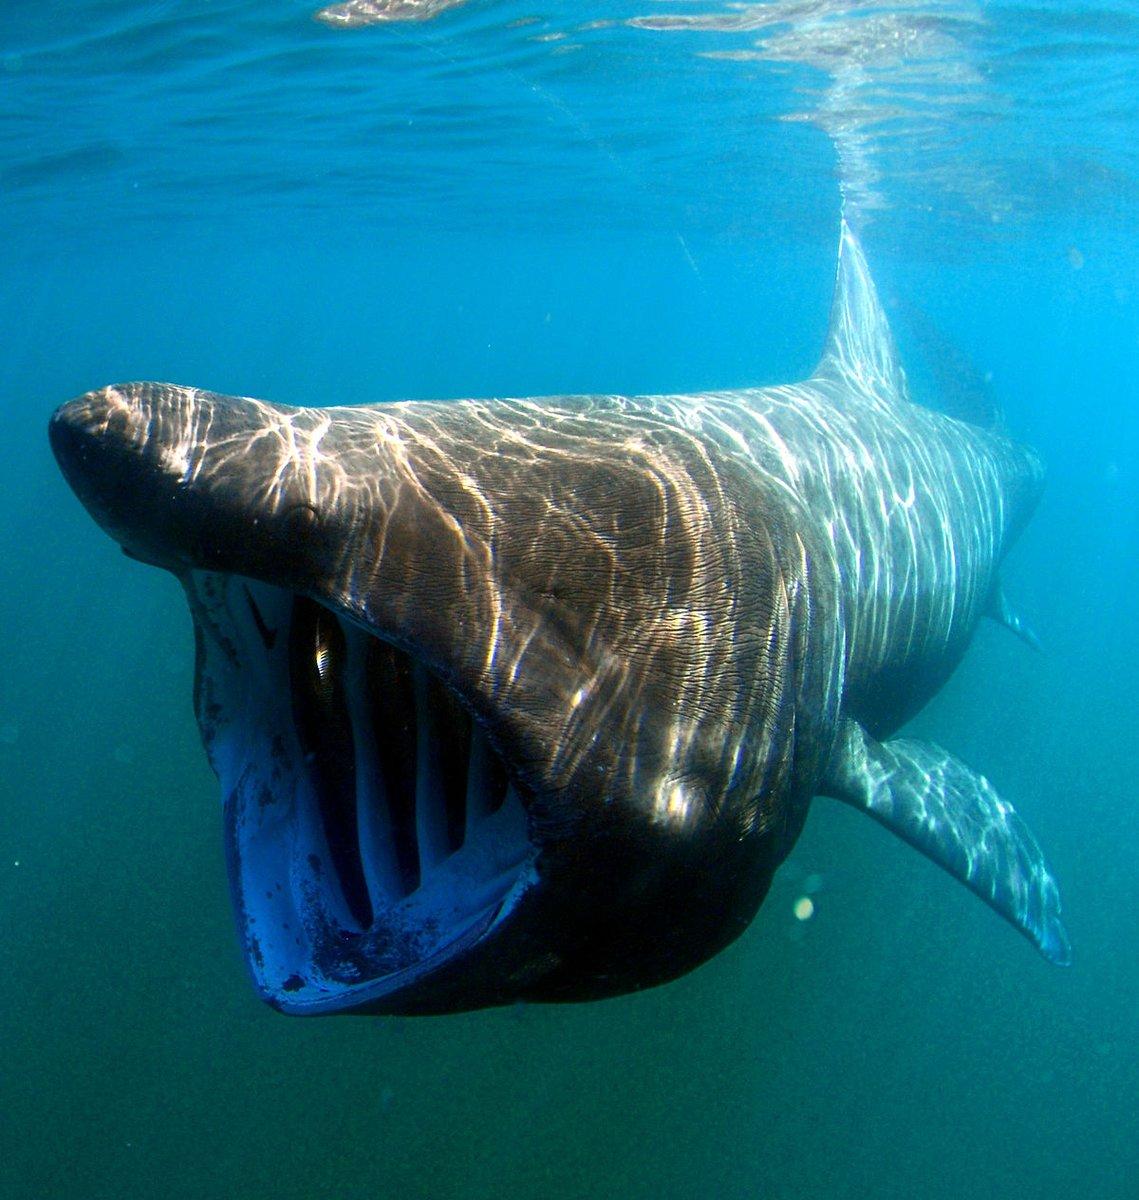 какие акулы водятся в средиземном море фото недоумевают, кем приходится